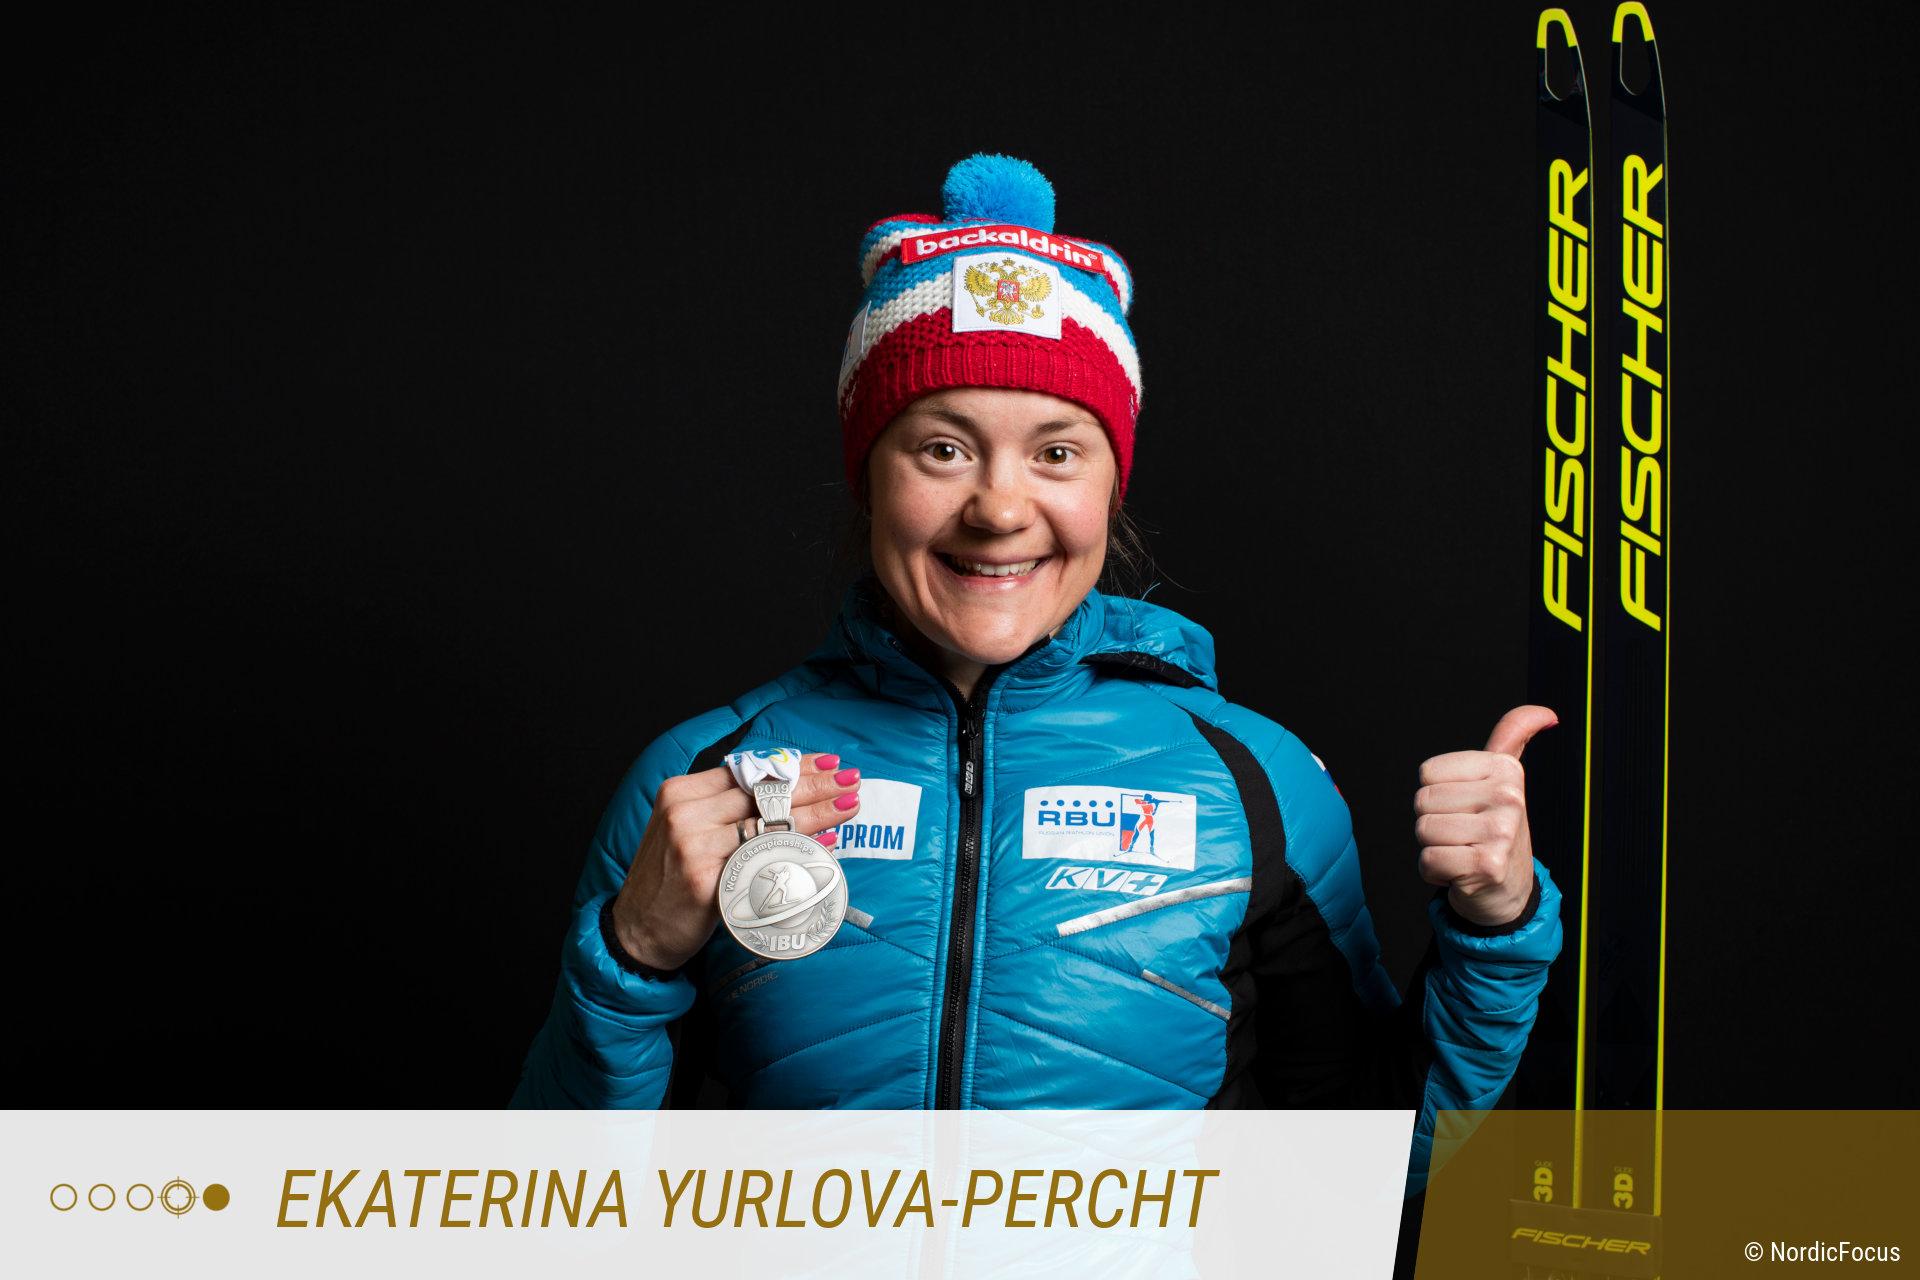 Athleten_EkaterinaYurlovaPercht